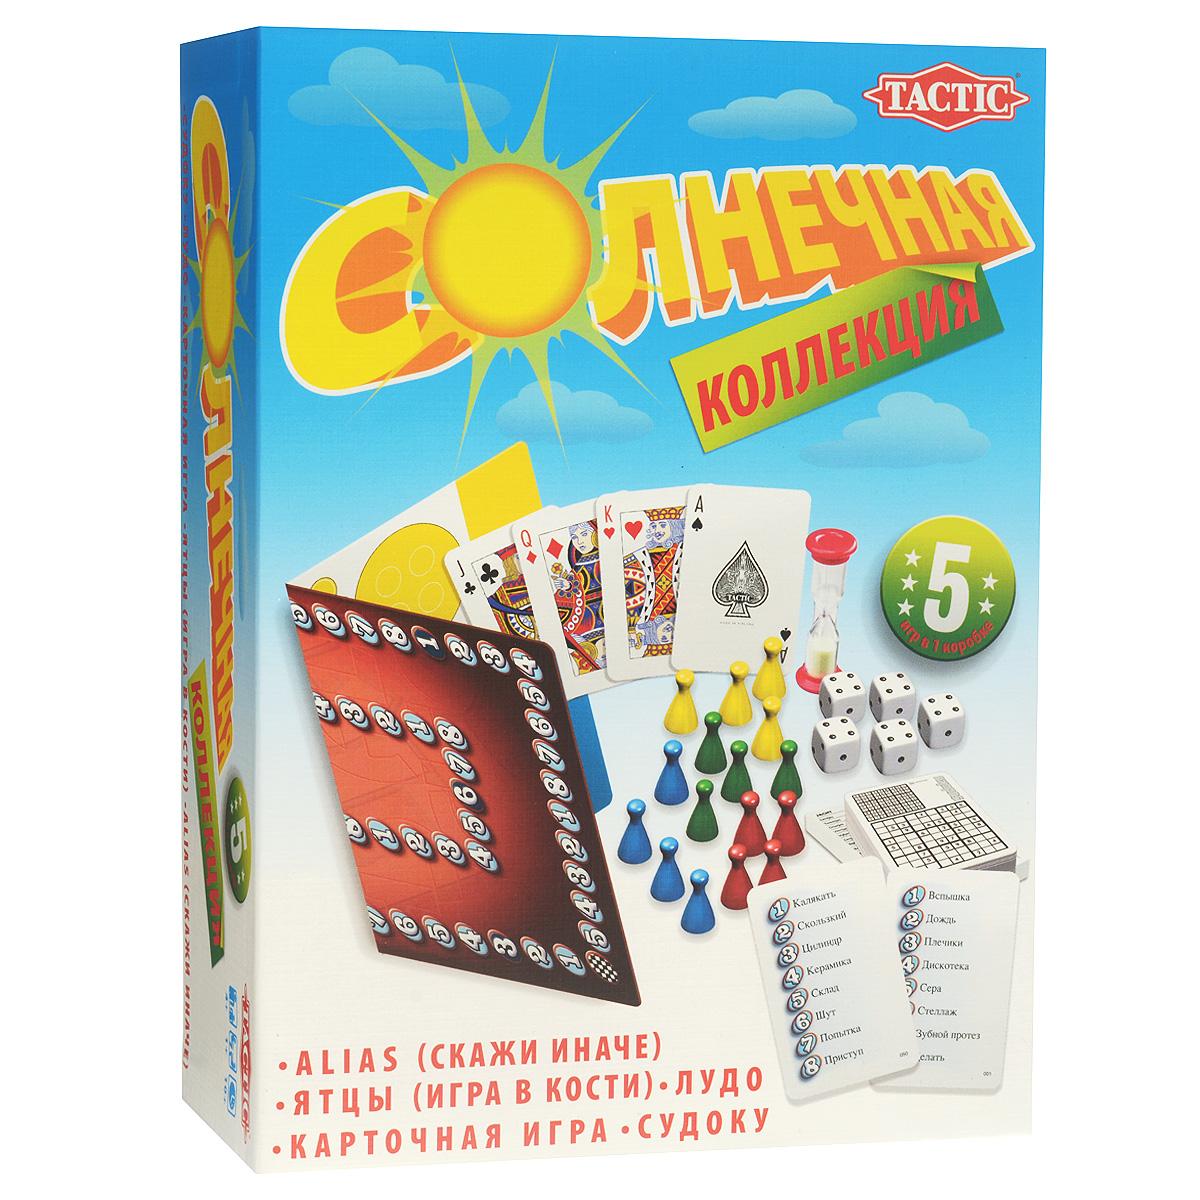 Набор настольных игр Tactic Games Солнечная коллекция, 5 в 140151